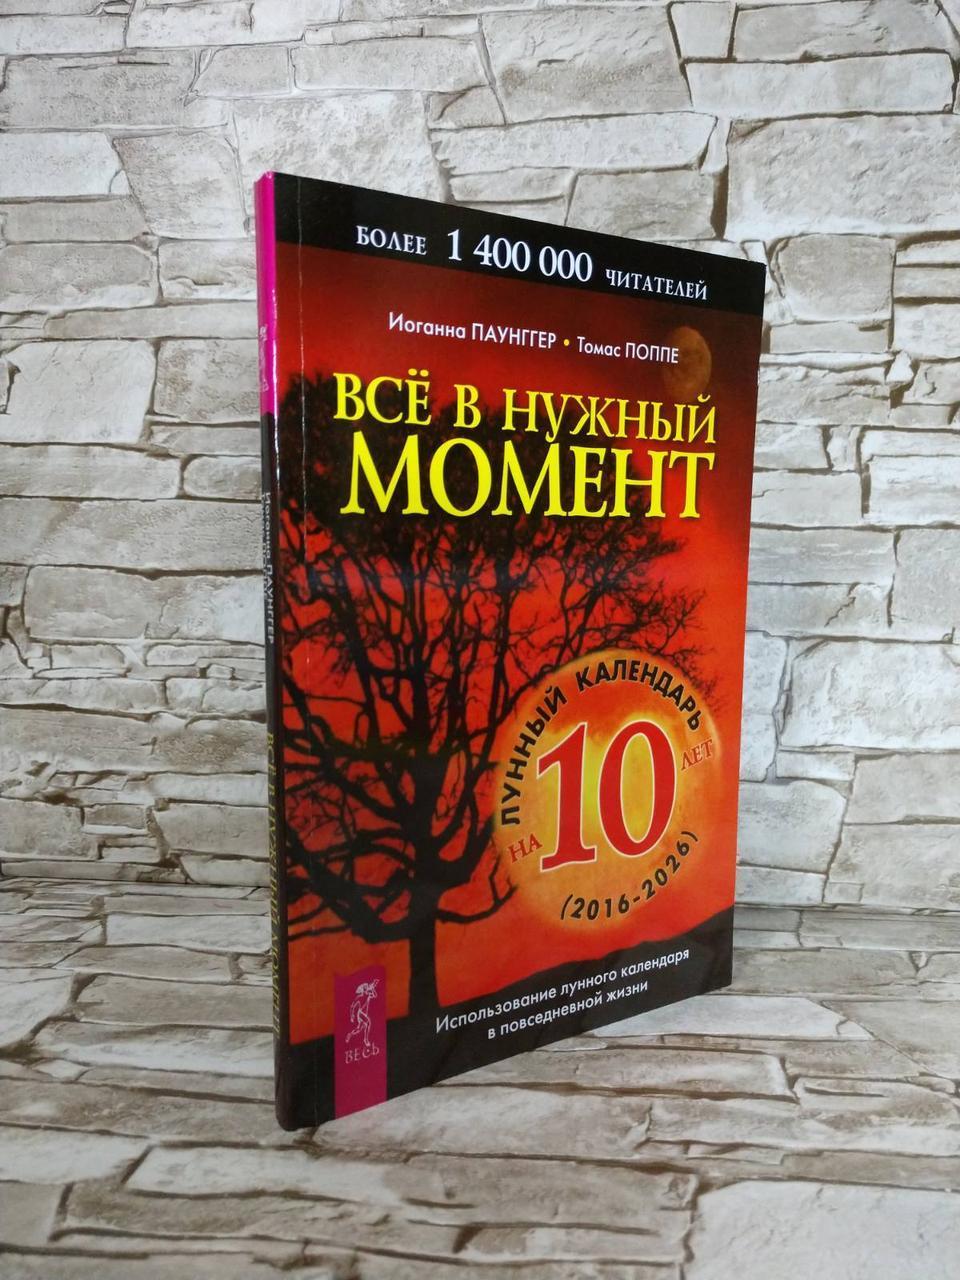 """Книга """"Все в нужный момент. Лунный календарь на 10 лет"""" Иоганна Паунггер, Томас Поппе"""